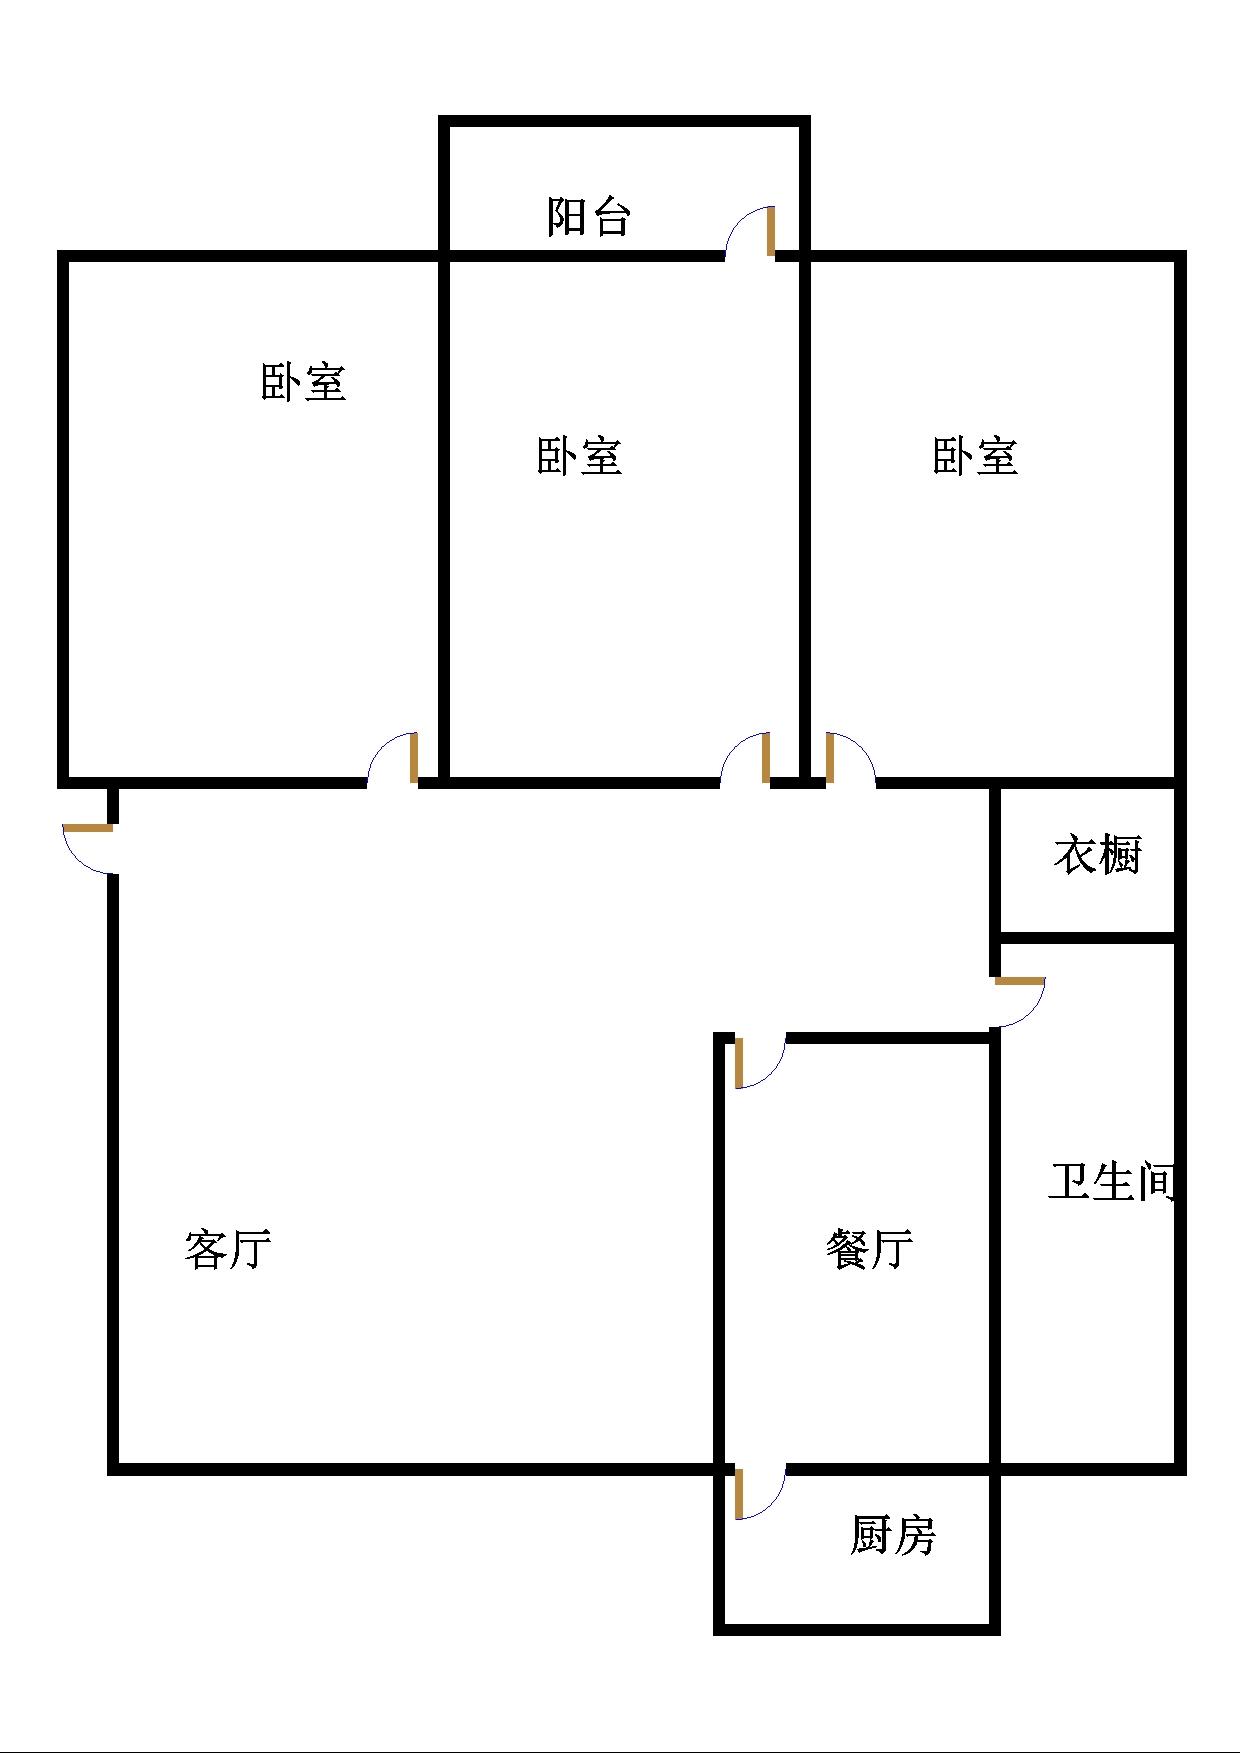 广川小区 3室2厅  简装 112万